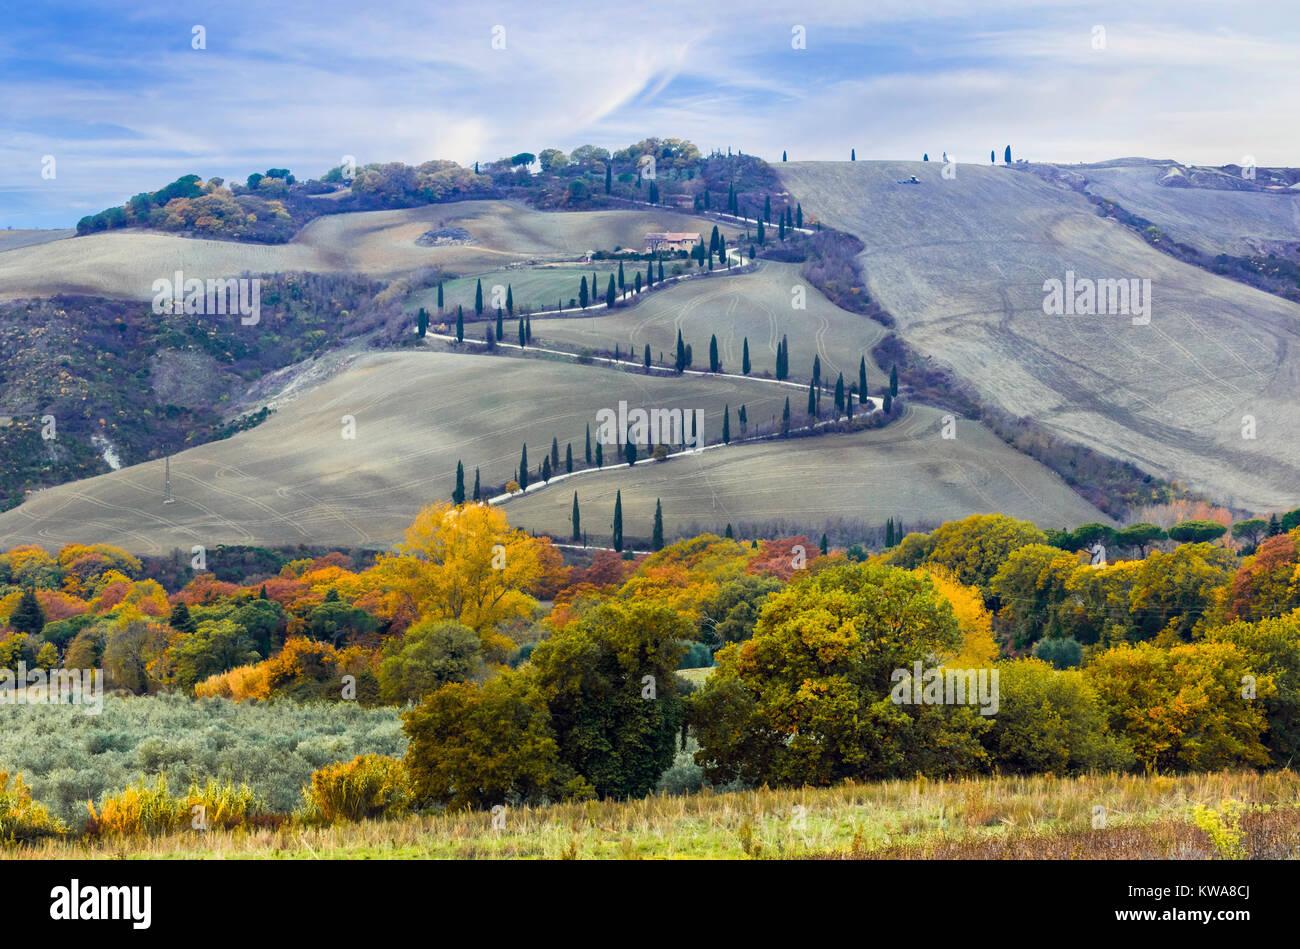 Beeindruckende Herbst Landschaft, Panoramaaussicht, in der Toskana, Italien. Stockbild